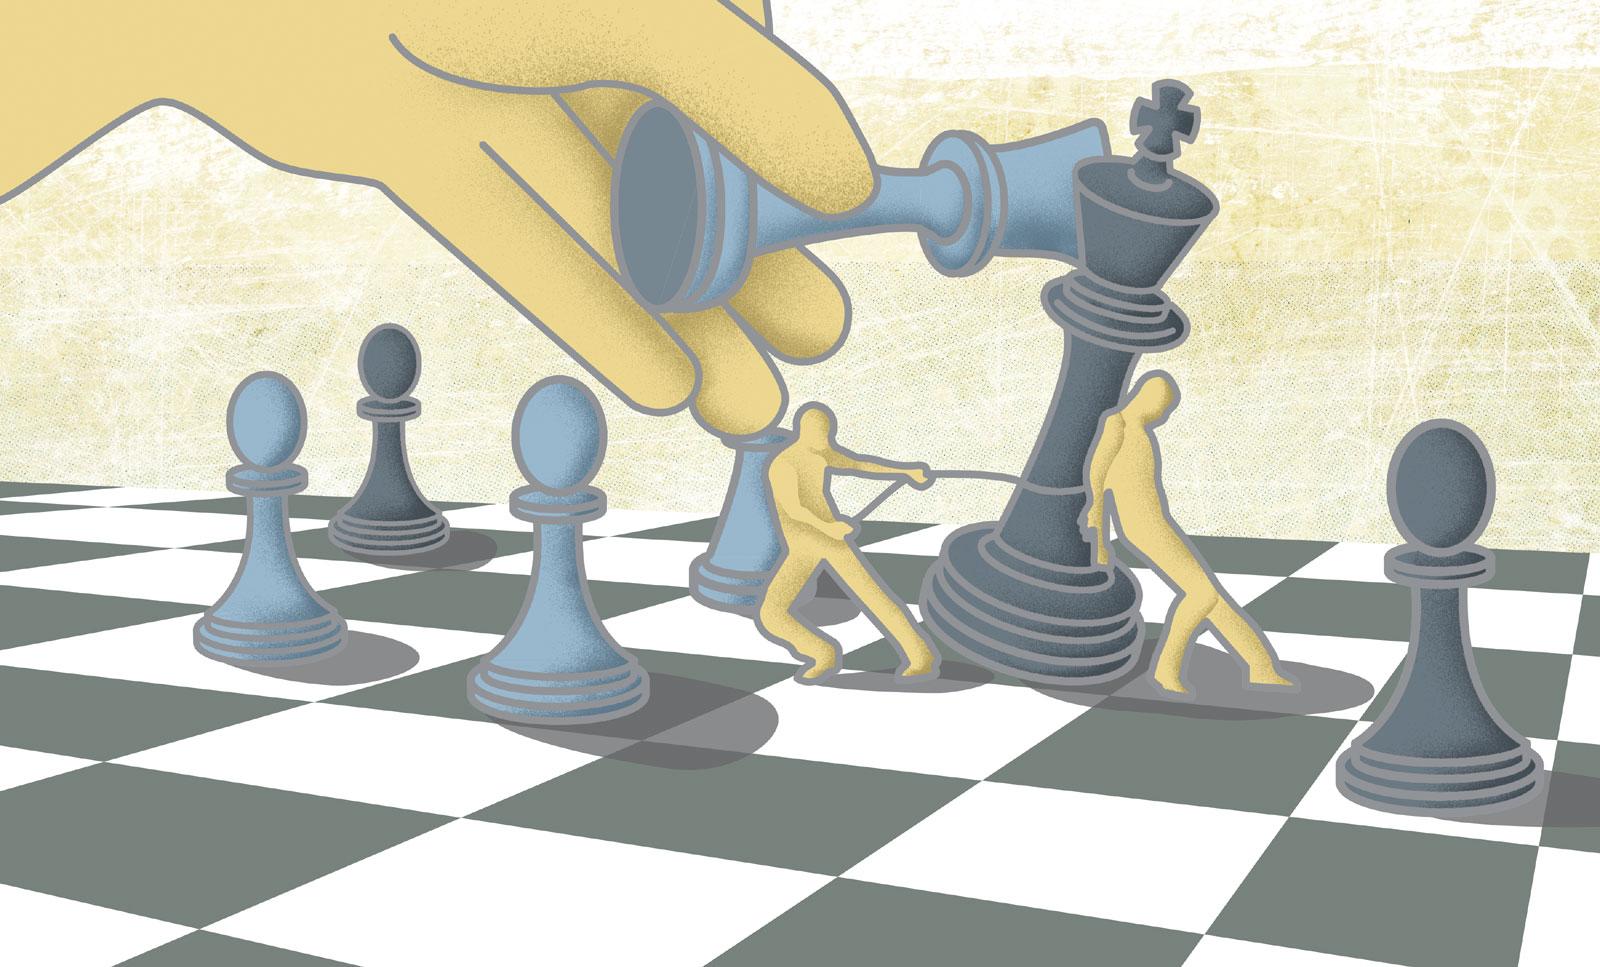 La condanna alle spese giudiziali: tra regola della soccombenza e correttivi